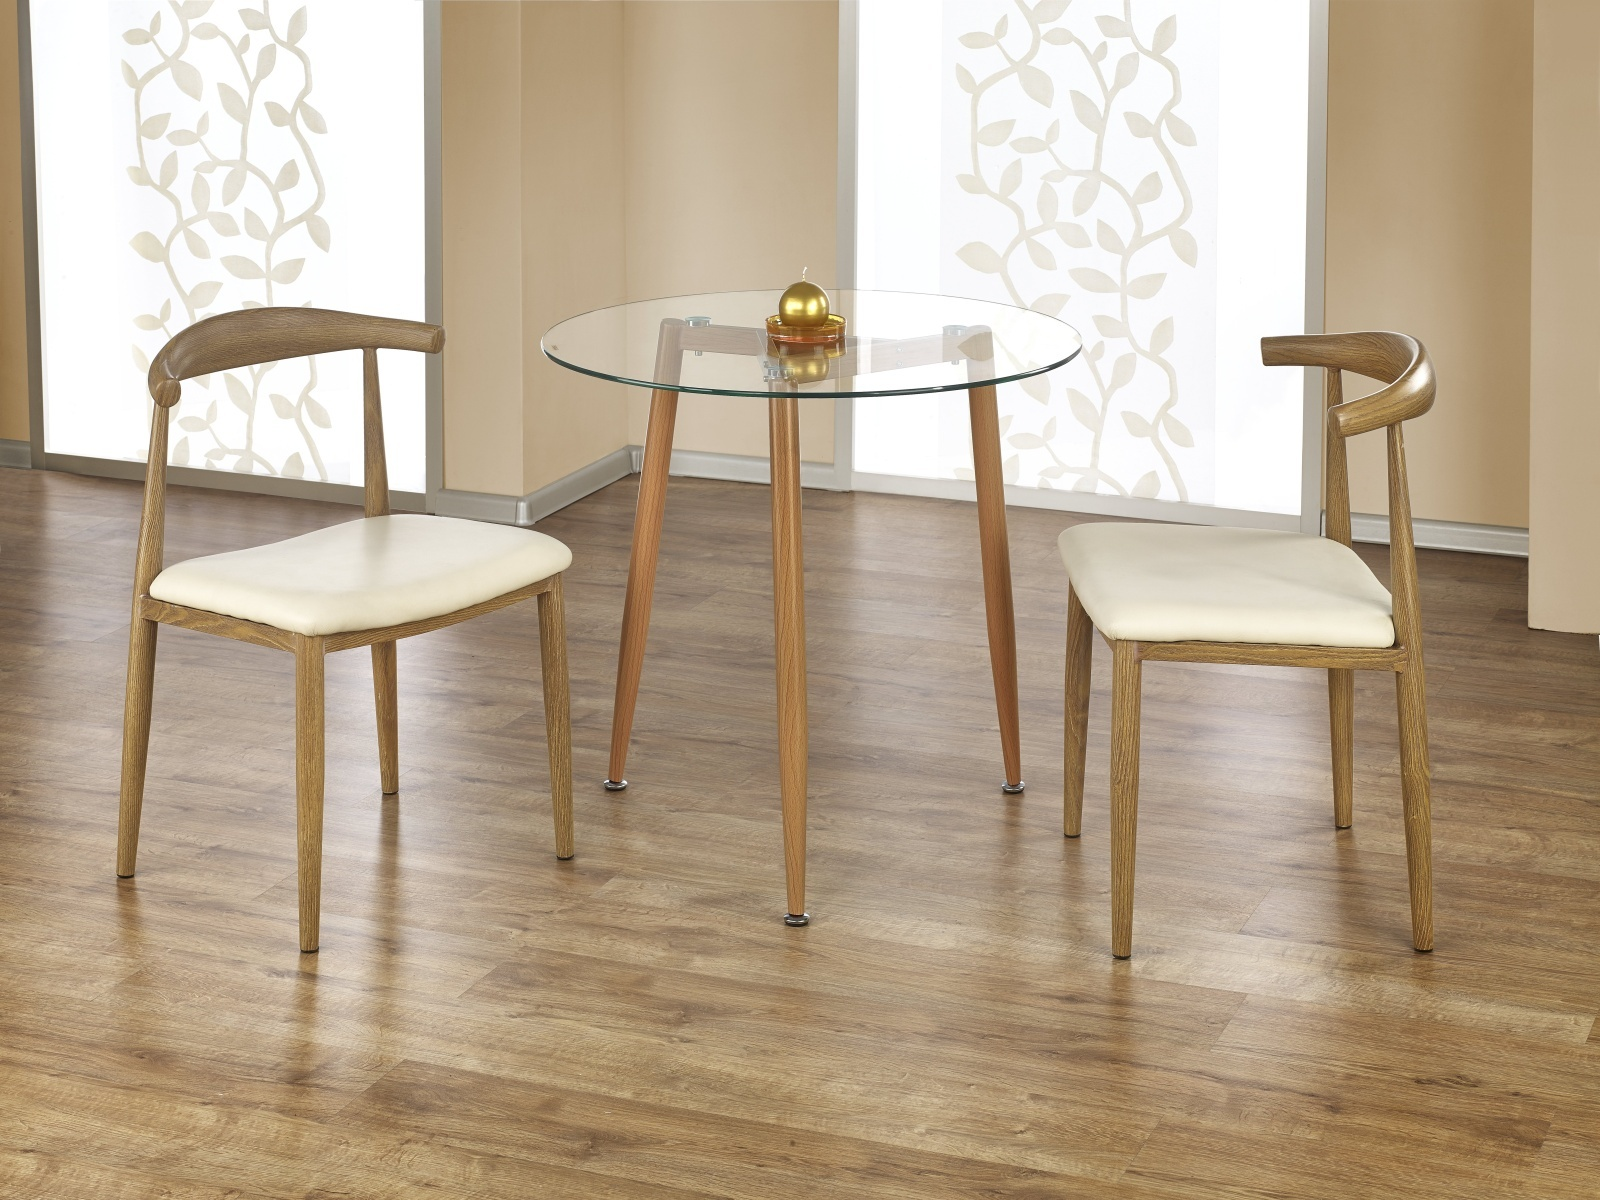 Halmar ULSTER jídelní stůl kulatý, olše